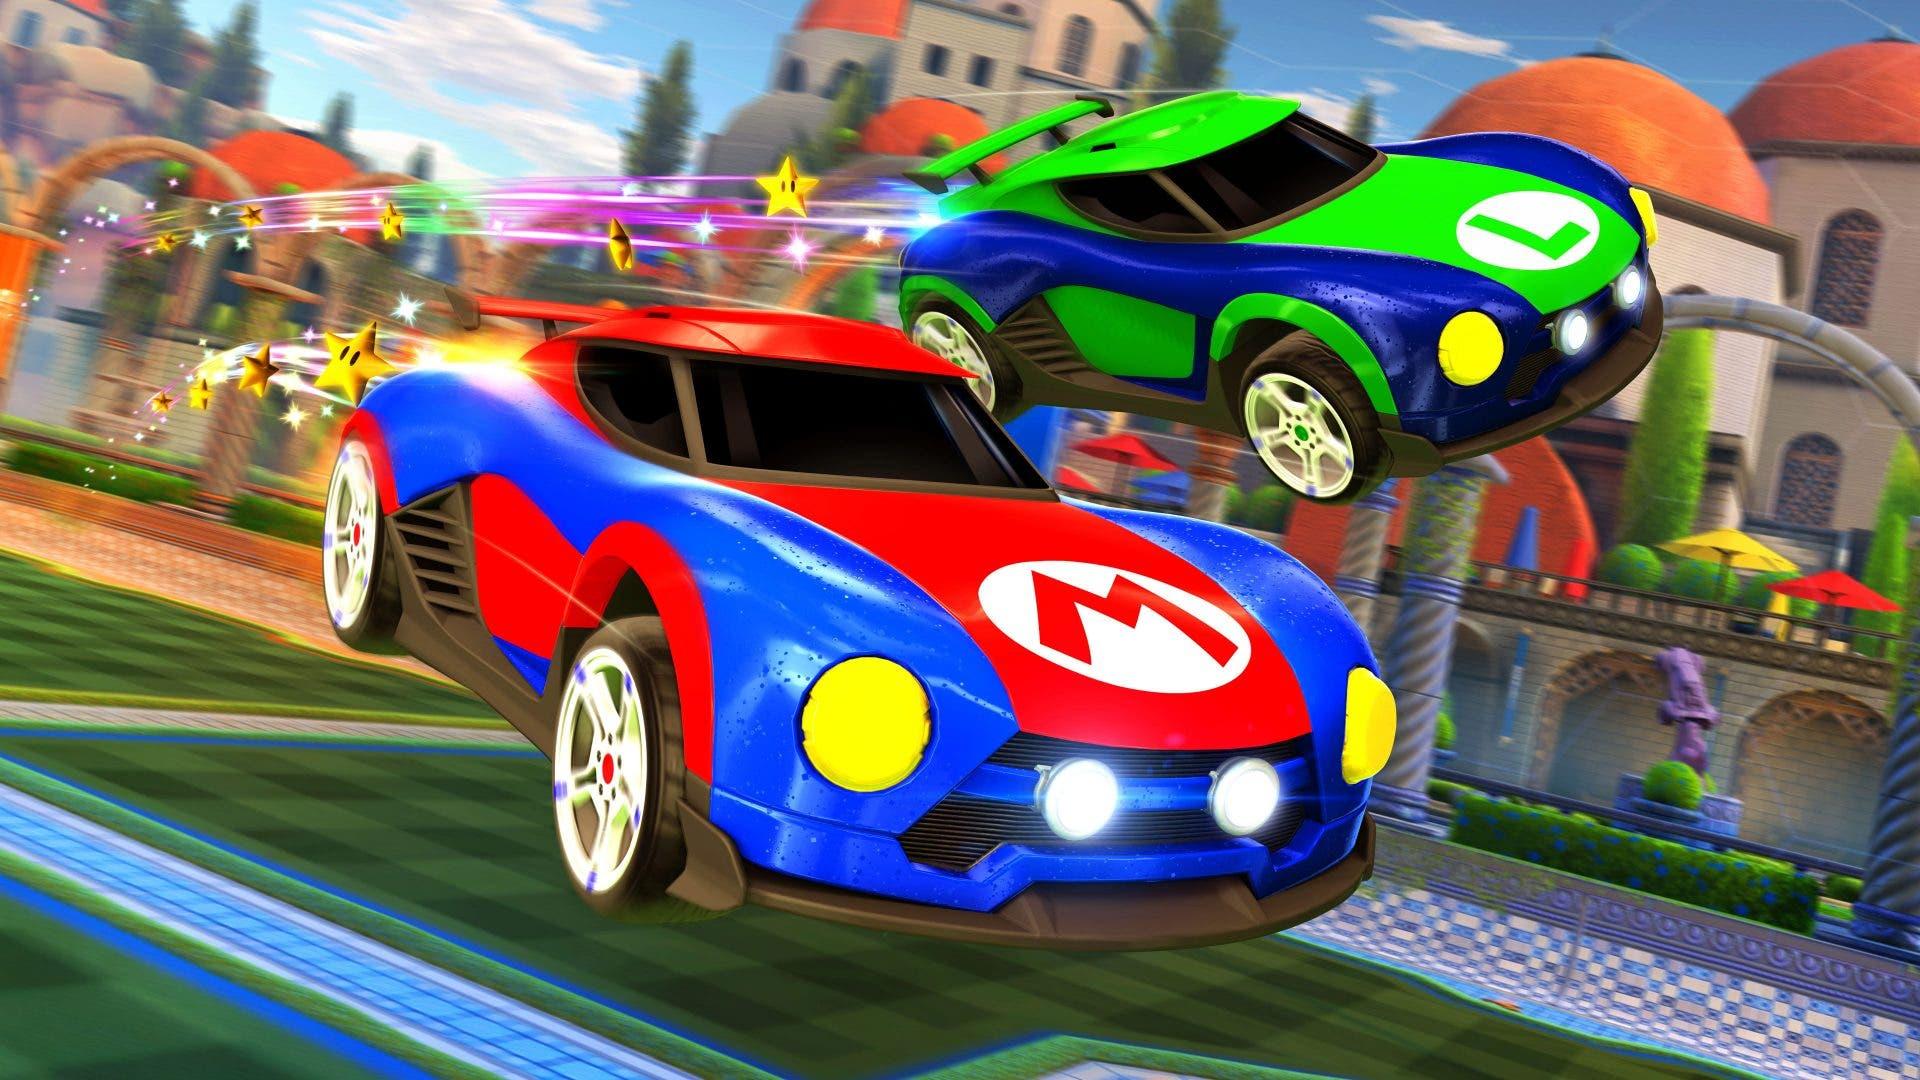 Imagen de Así son los coches de Mario y Metroid en Rocket League